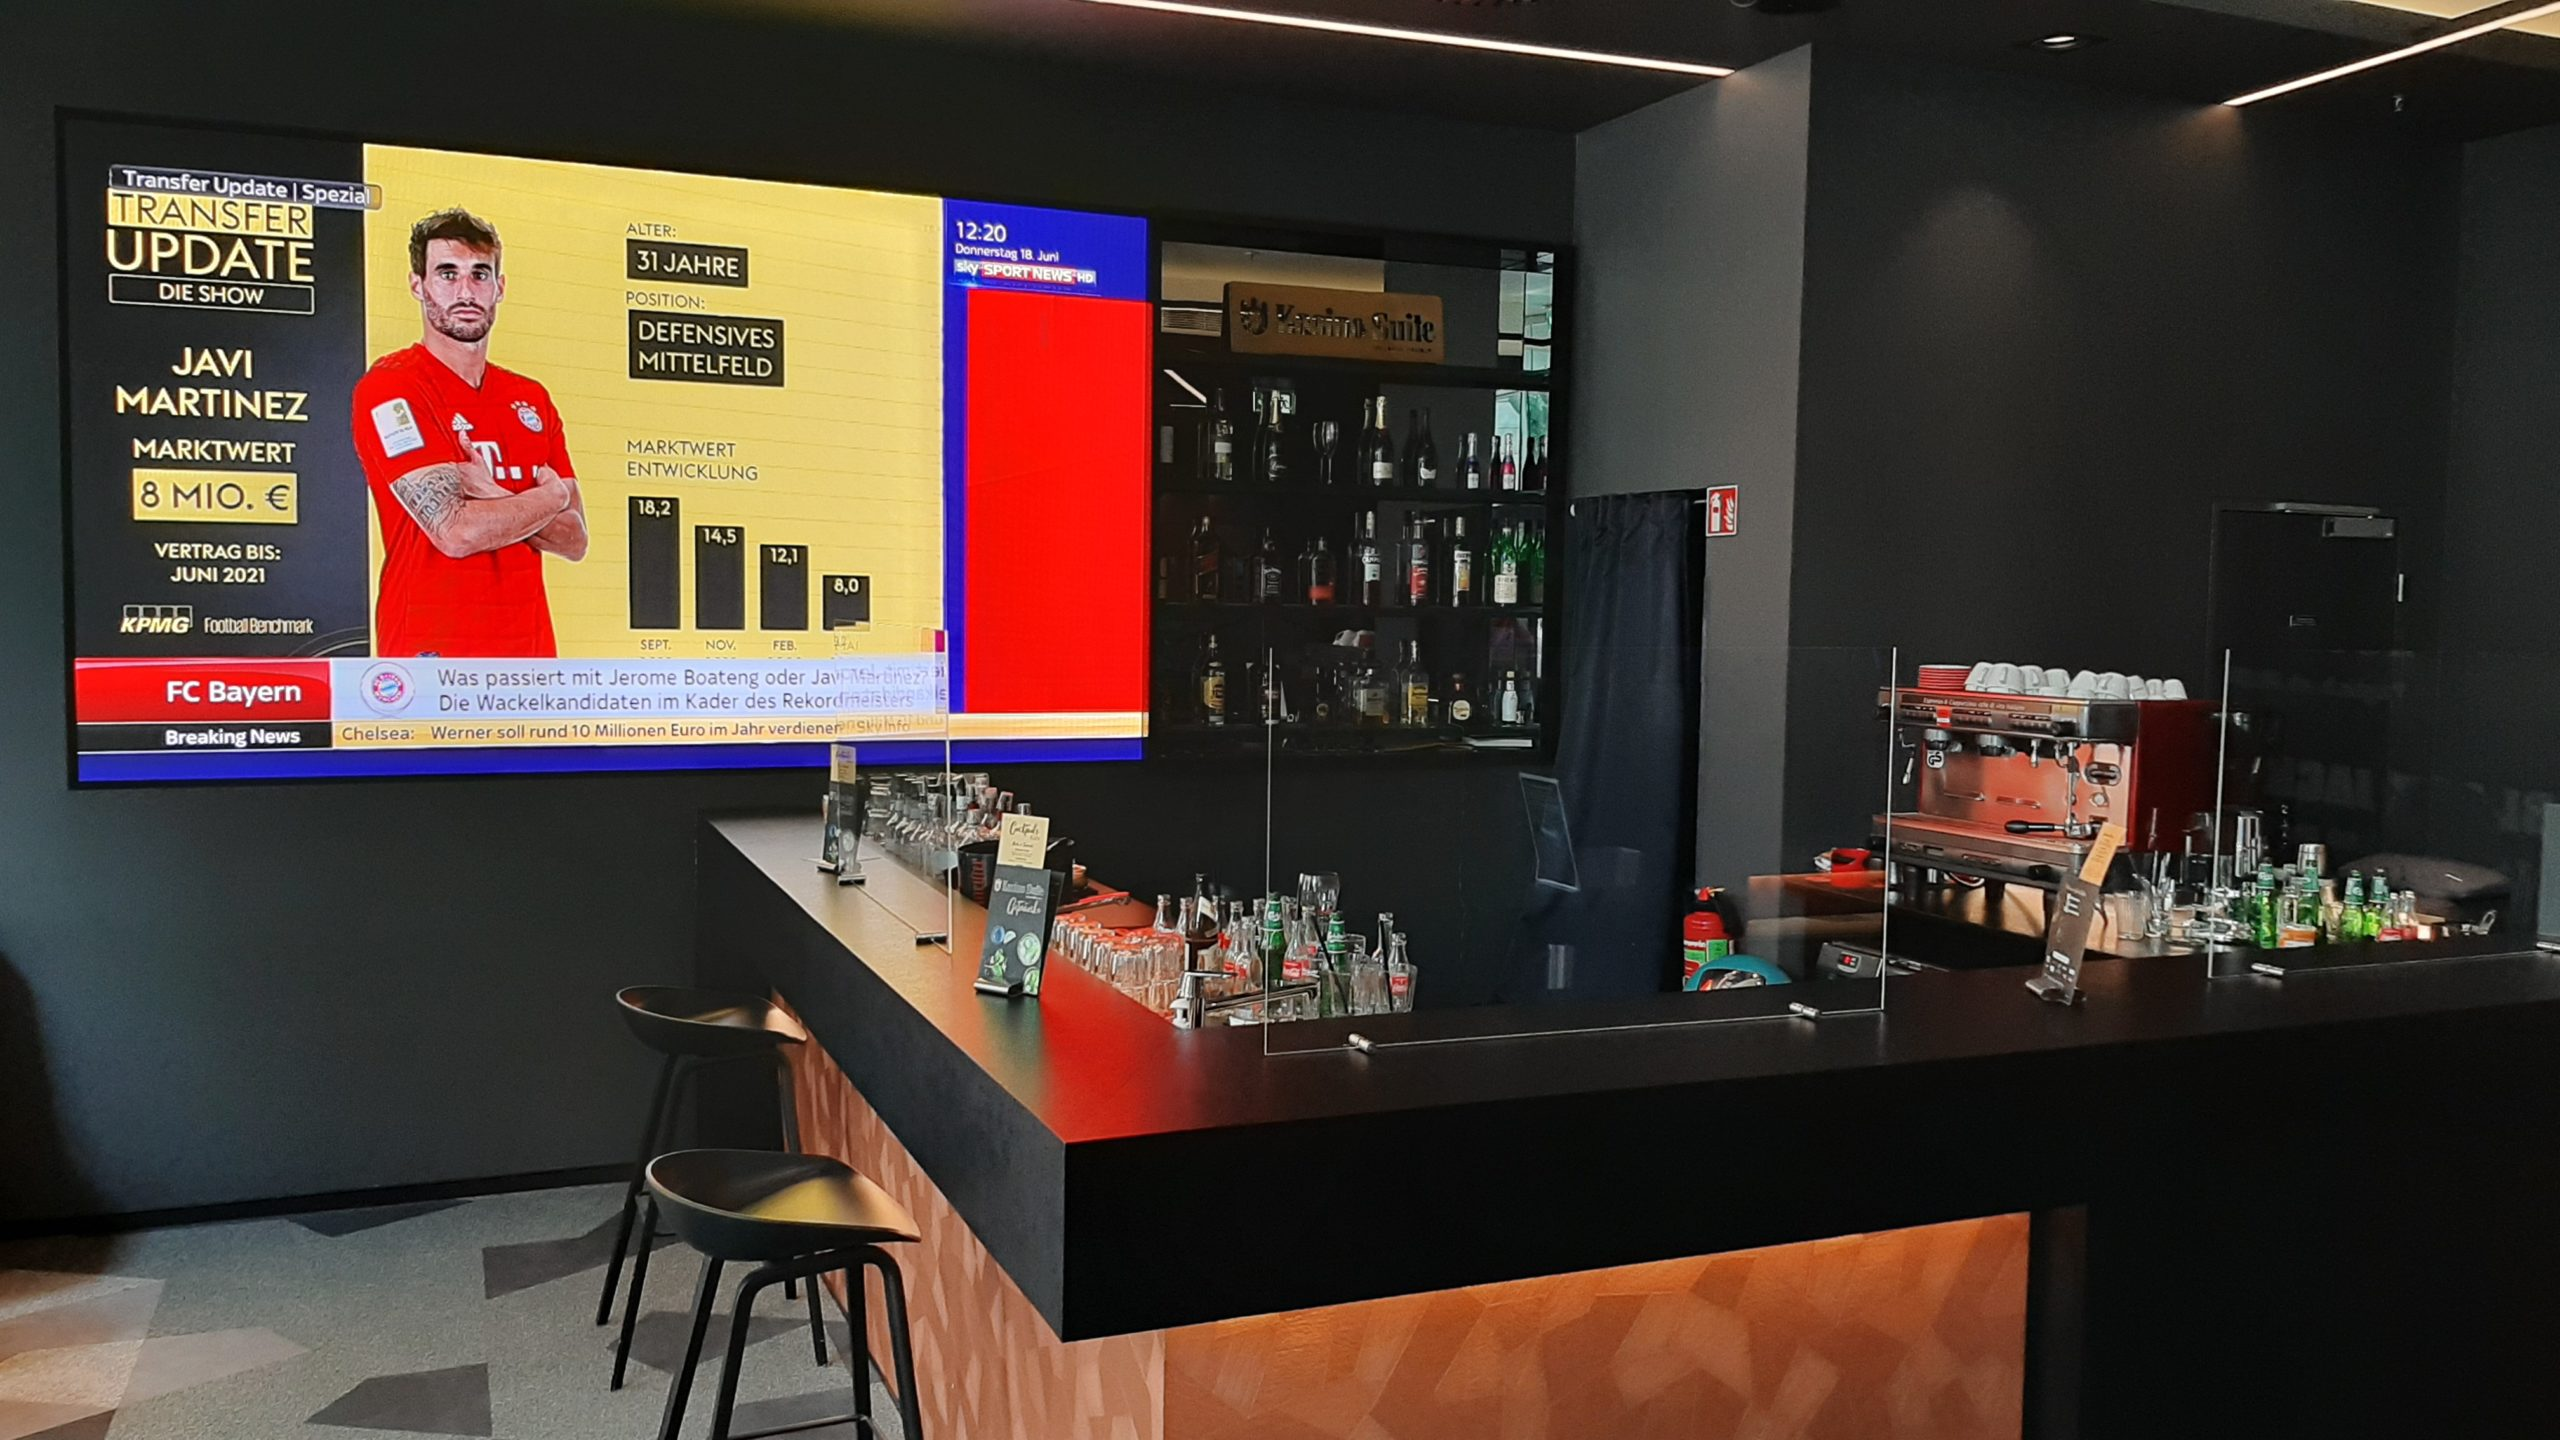 LED Walls eignen sich hervorragend zur Darstellung von Digital Signage Inhalten. Teurer in der Anschaffung aber langlebiger und flexibler nutzbar.